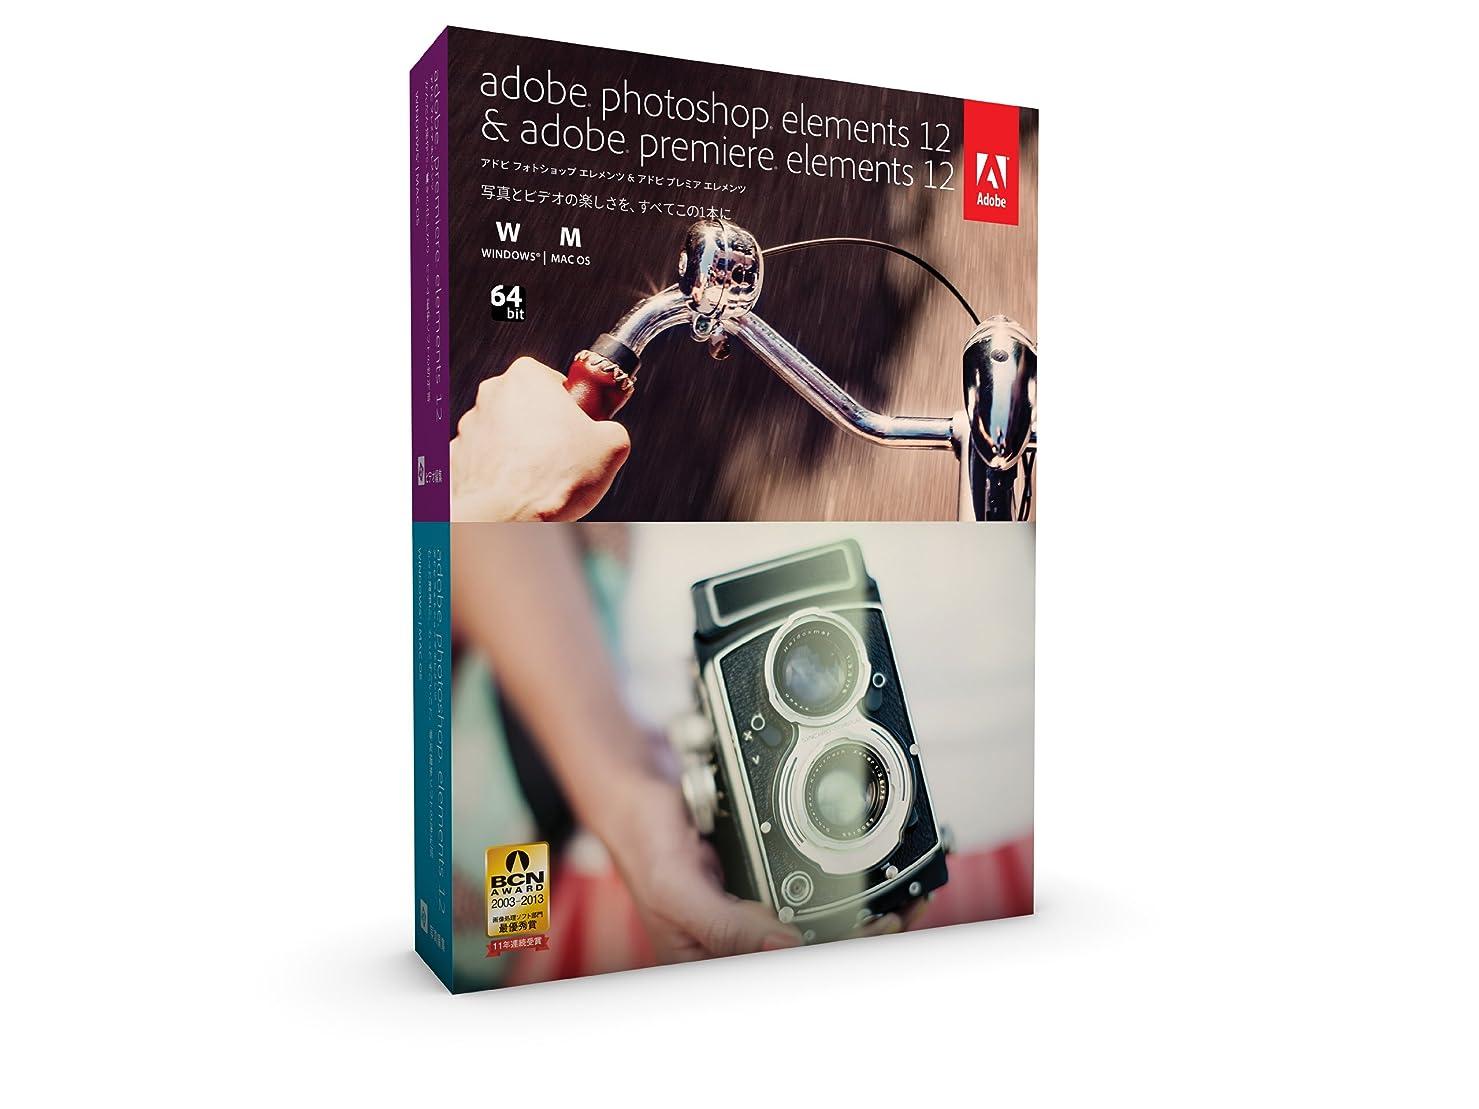 量ロードブロッキング安全でないAdobe Photoshop Elements 12 & Premiere Elements 12 Windows/Macintosh版